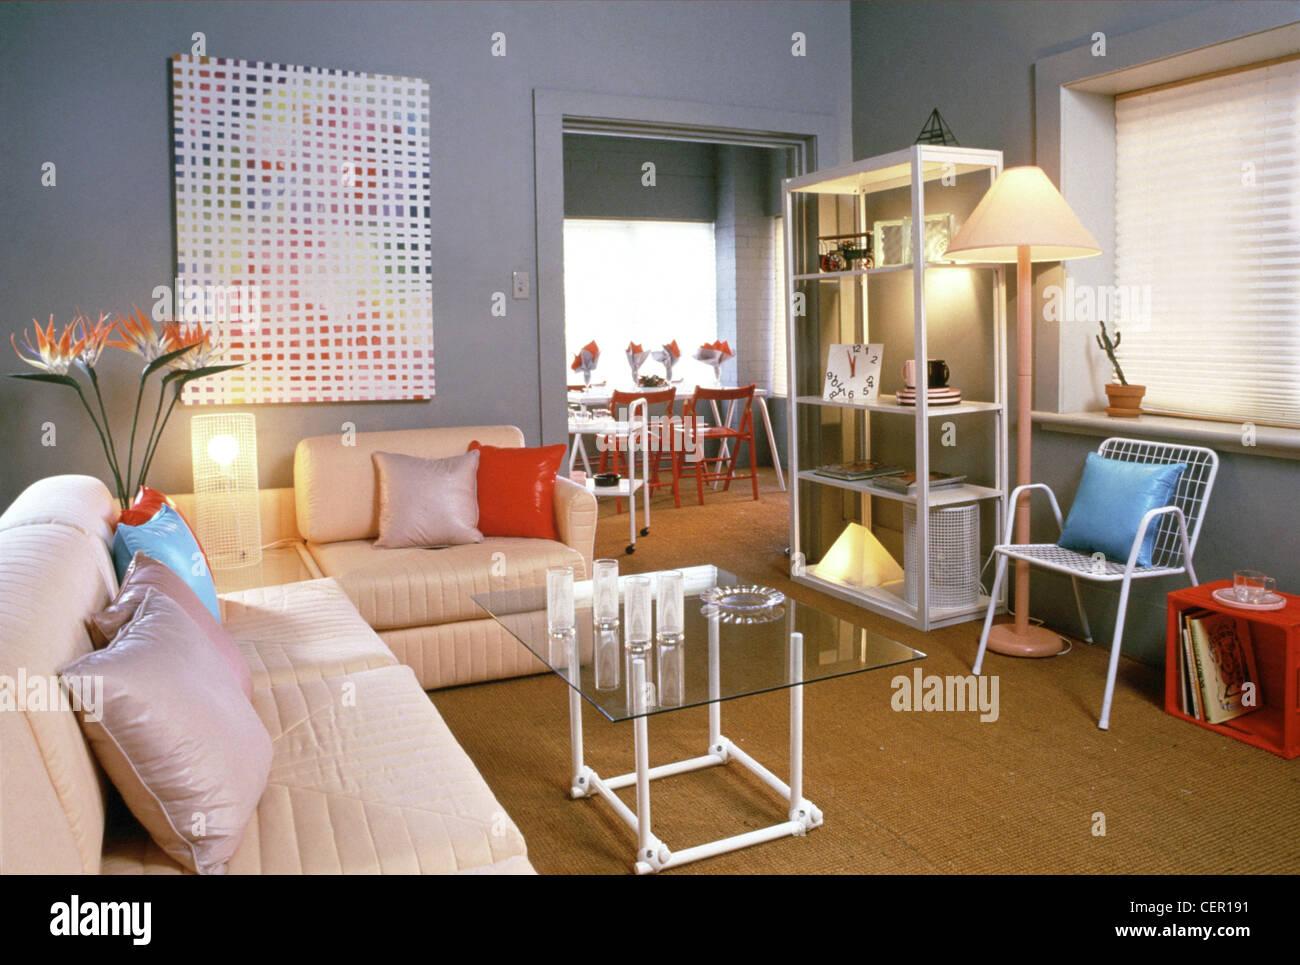 Wohnzimmer Grau Gestrichenen Wänden, Gepolsterte Ecksofa Farbige Kissen  Verstreut, Mit Einem Eingebauten Glas Bedeckt Sektion Umhüllung